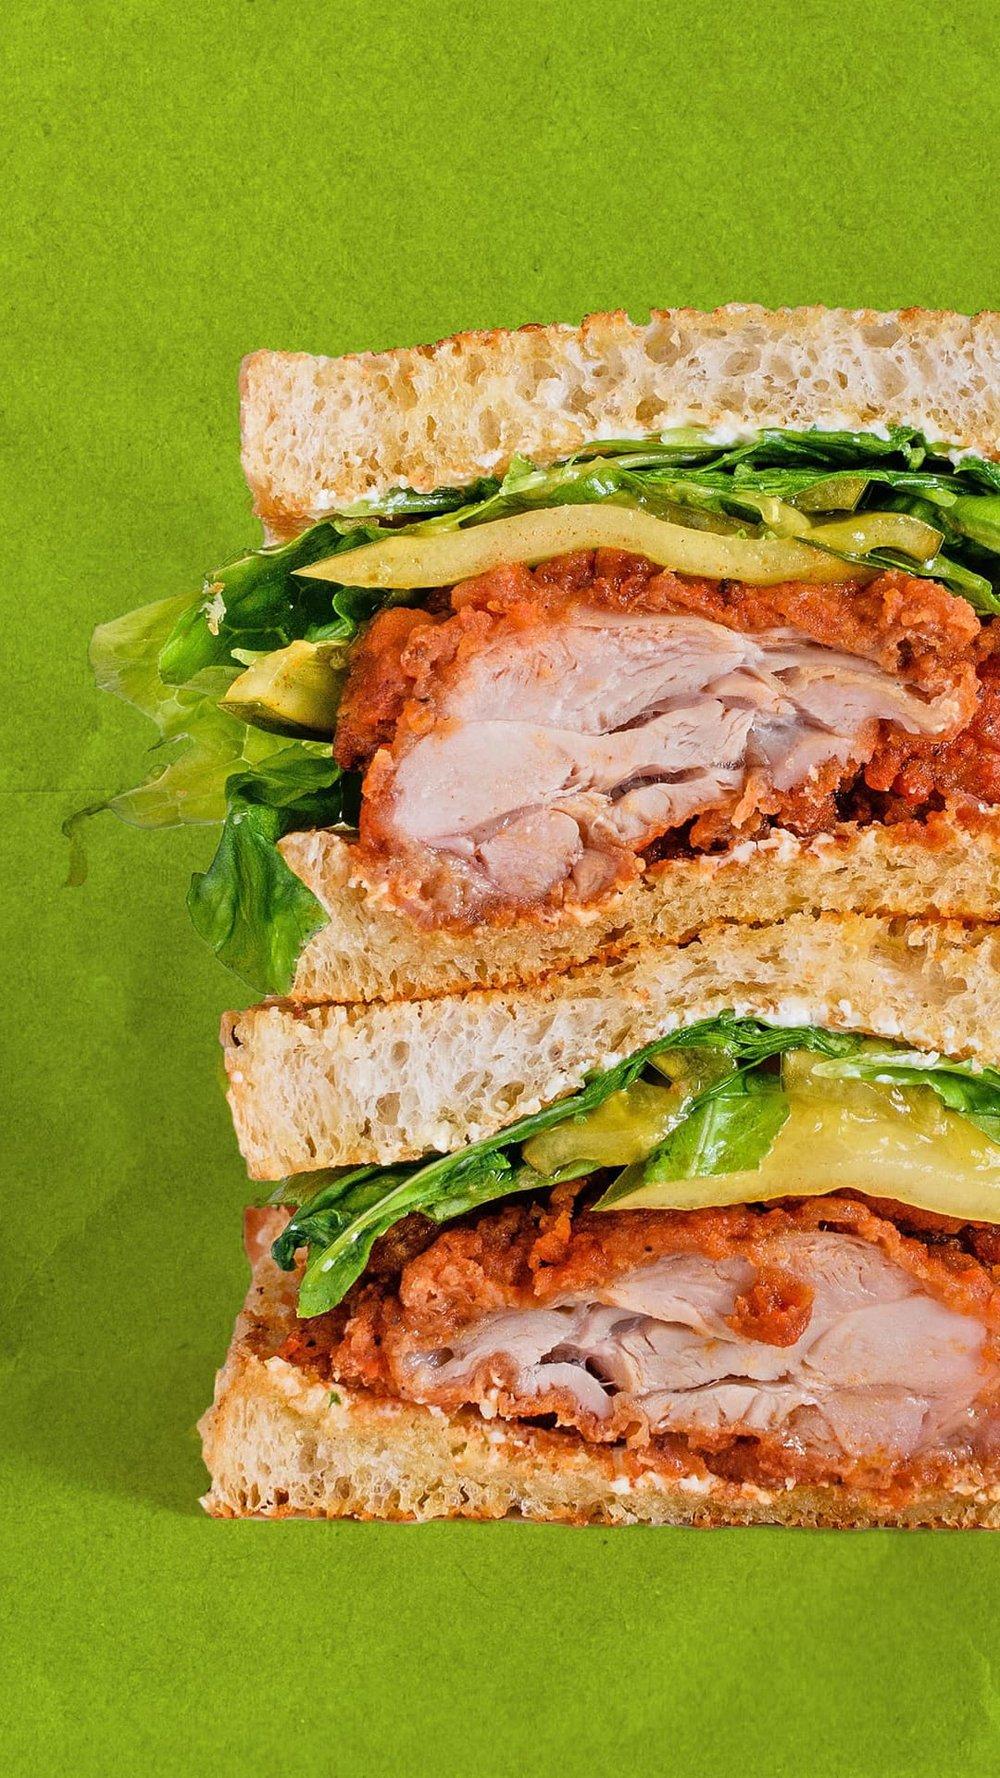 S4-buffalo-chicken-sandwich.jpg